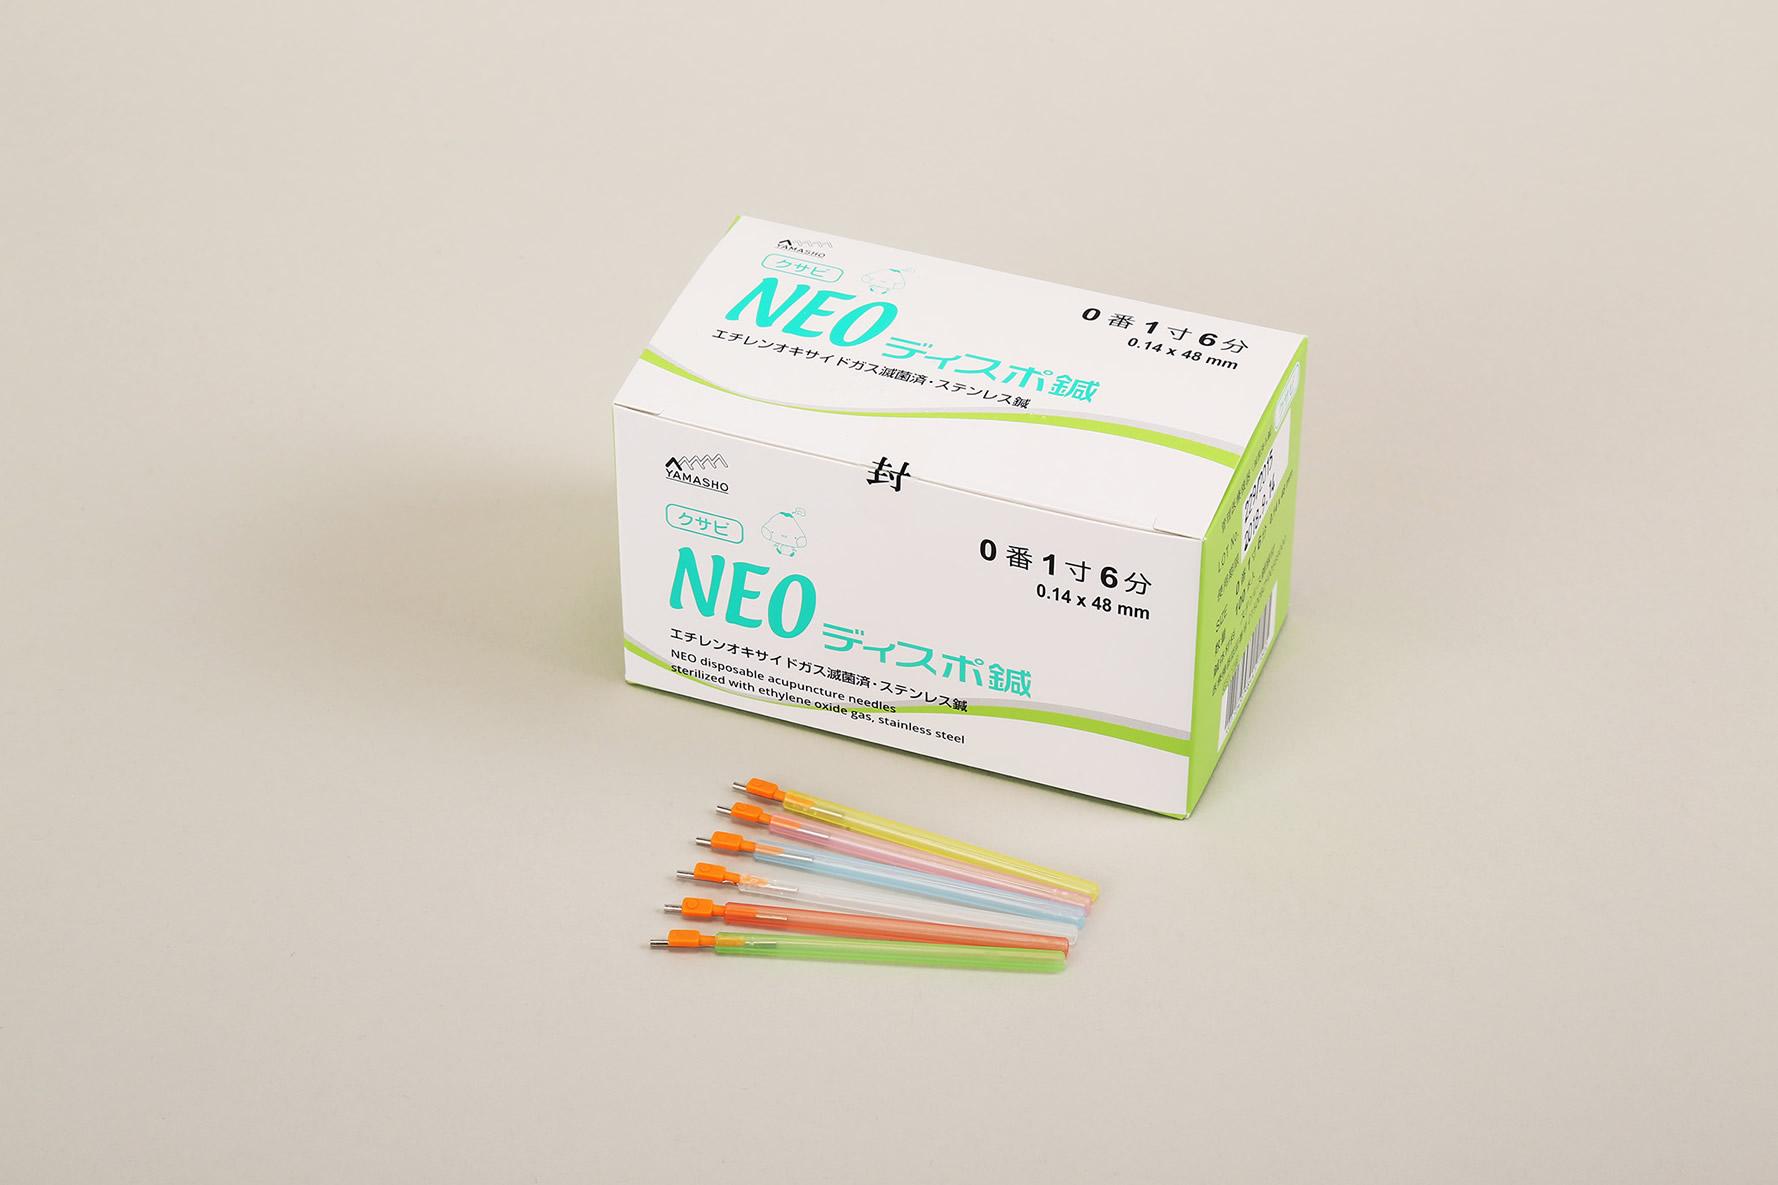 NEOクサビ1